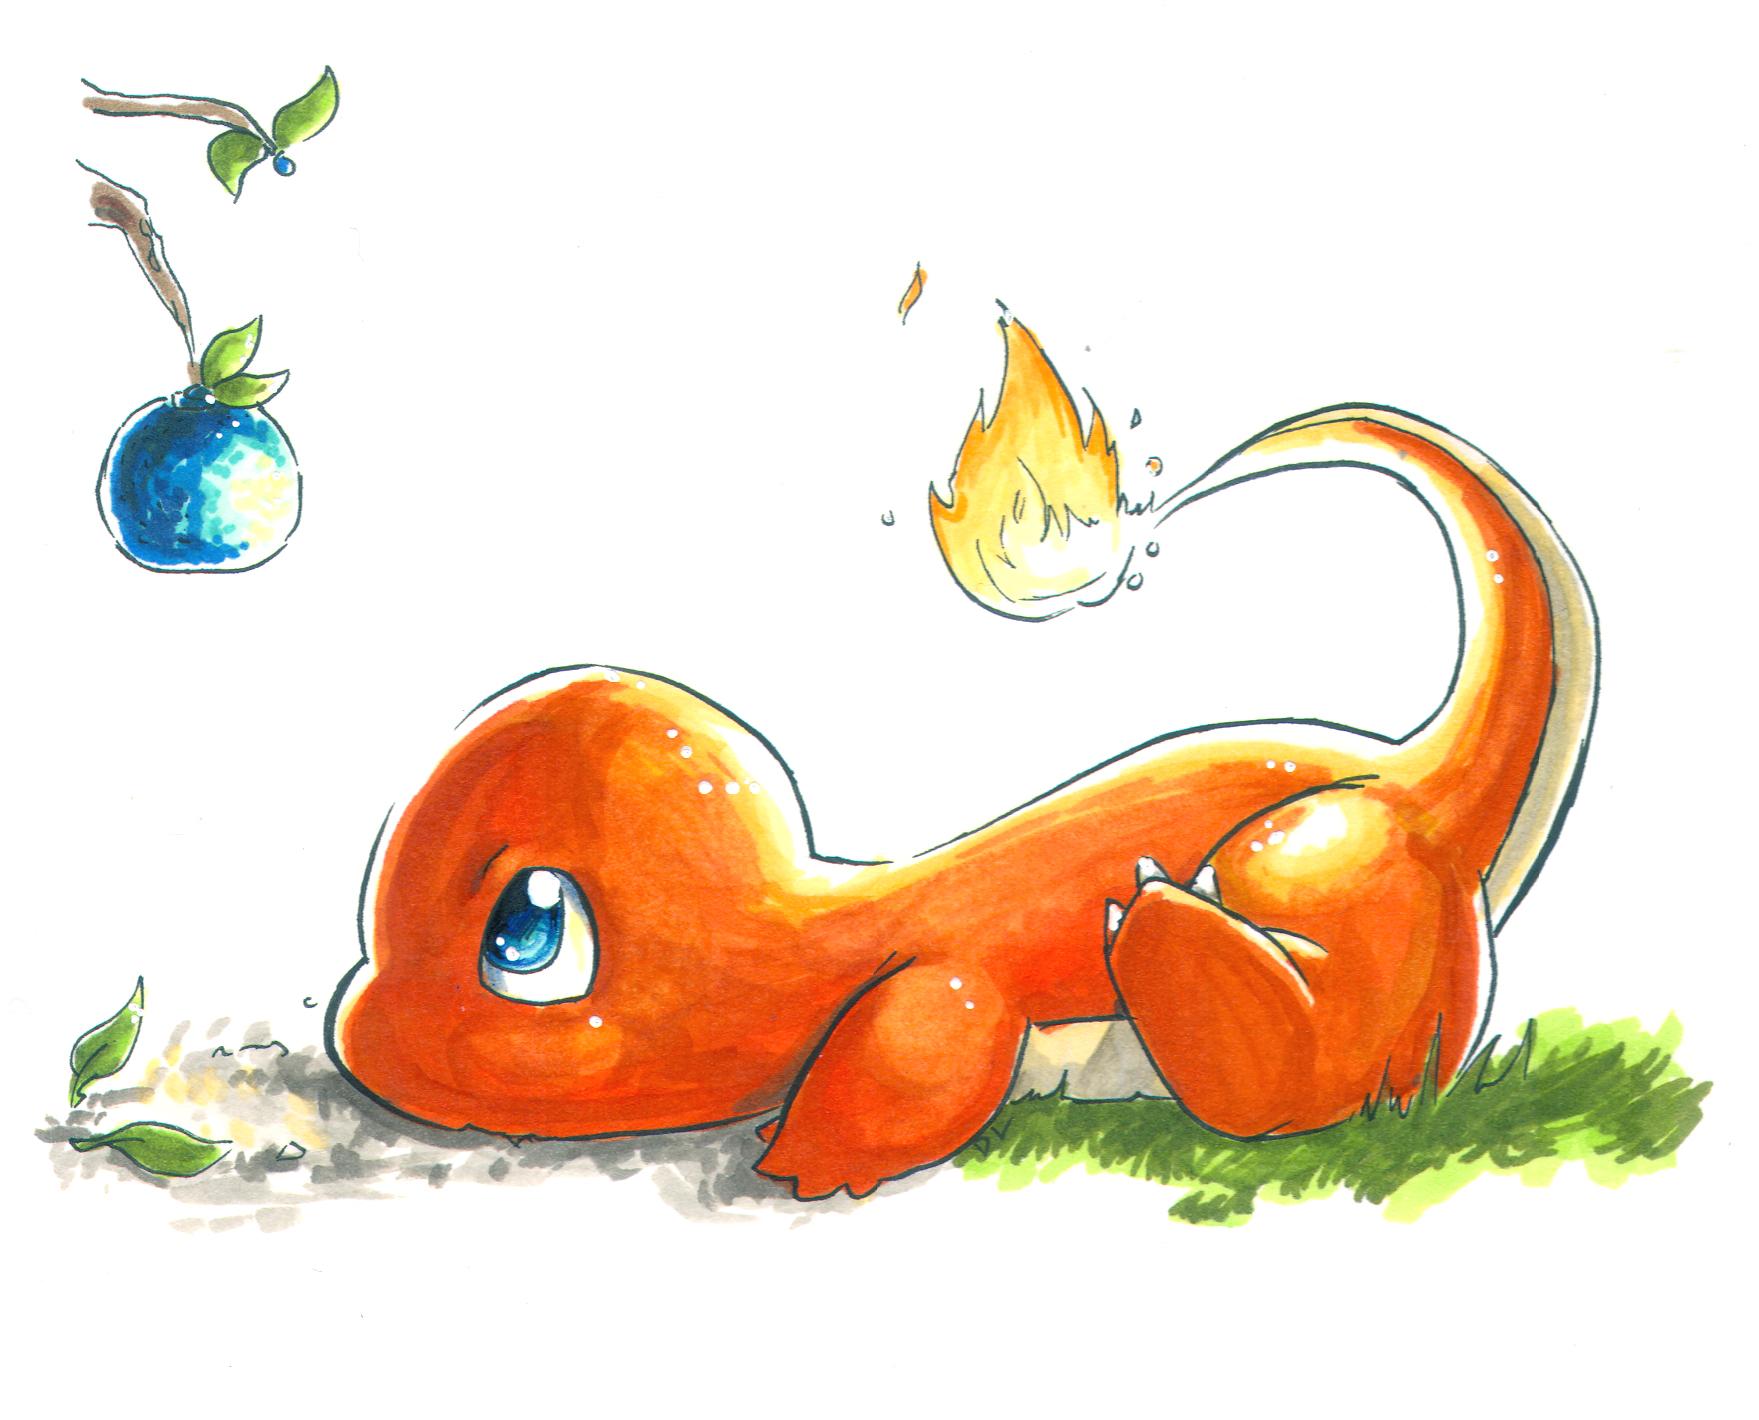 Pin Pokemon Charmander Wallpaper 1759x1420 1759x1420